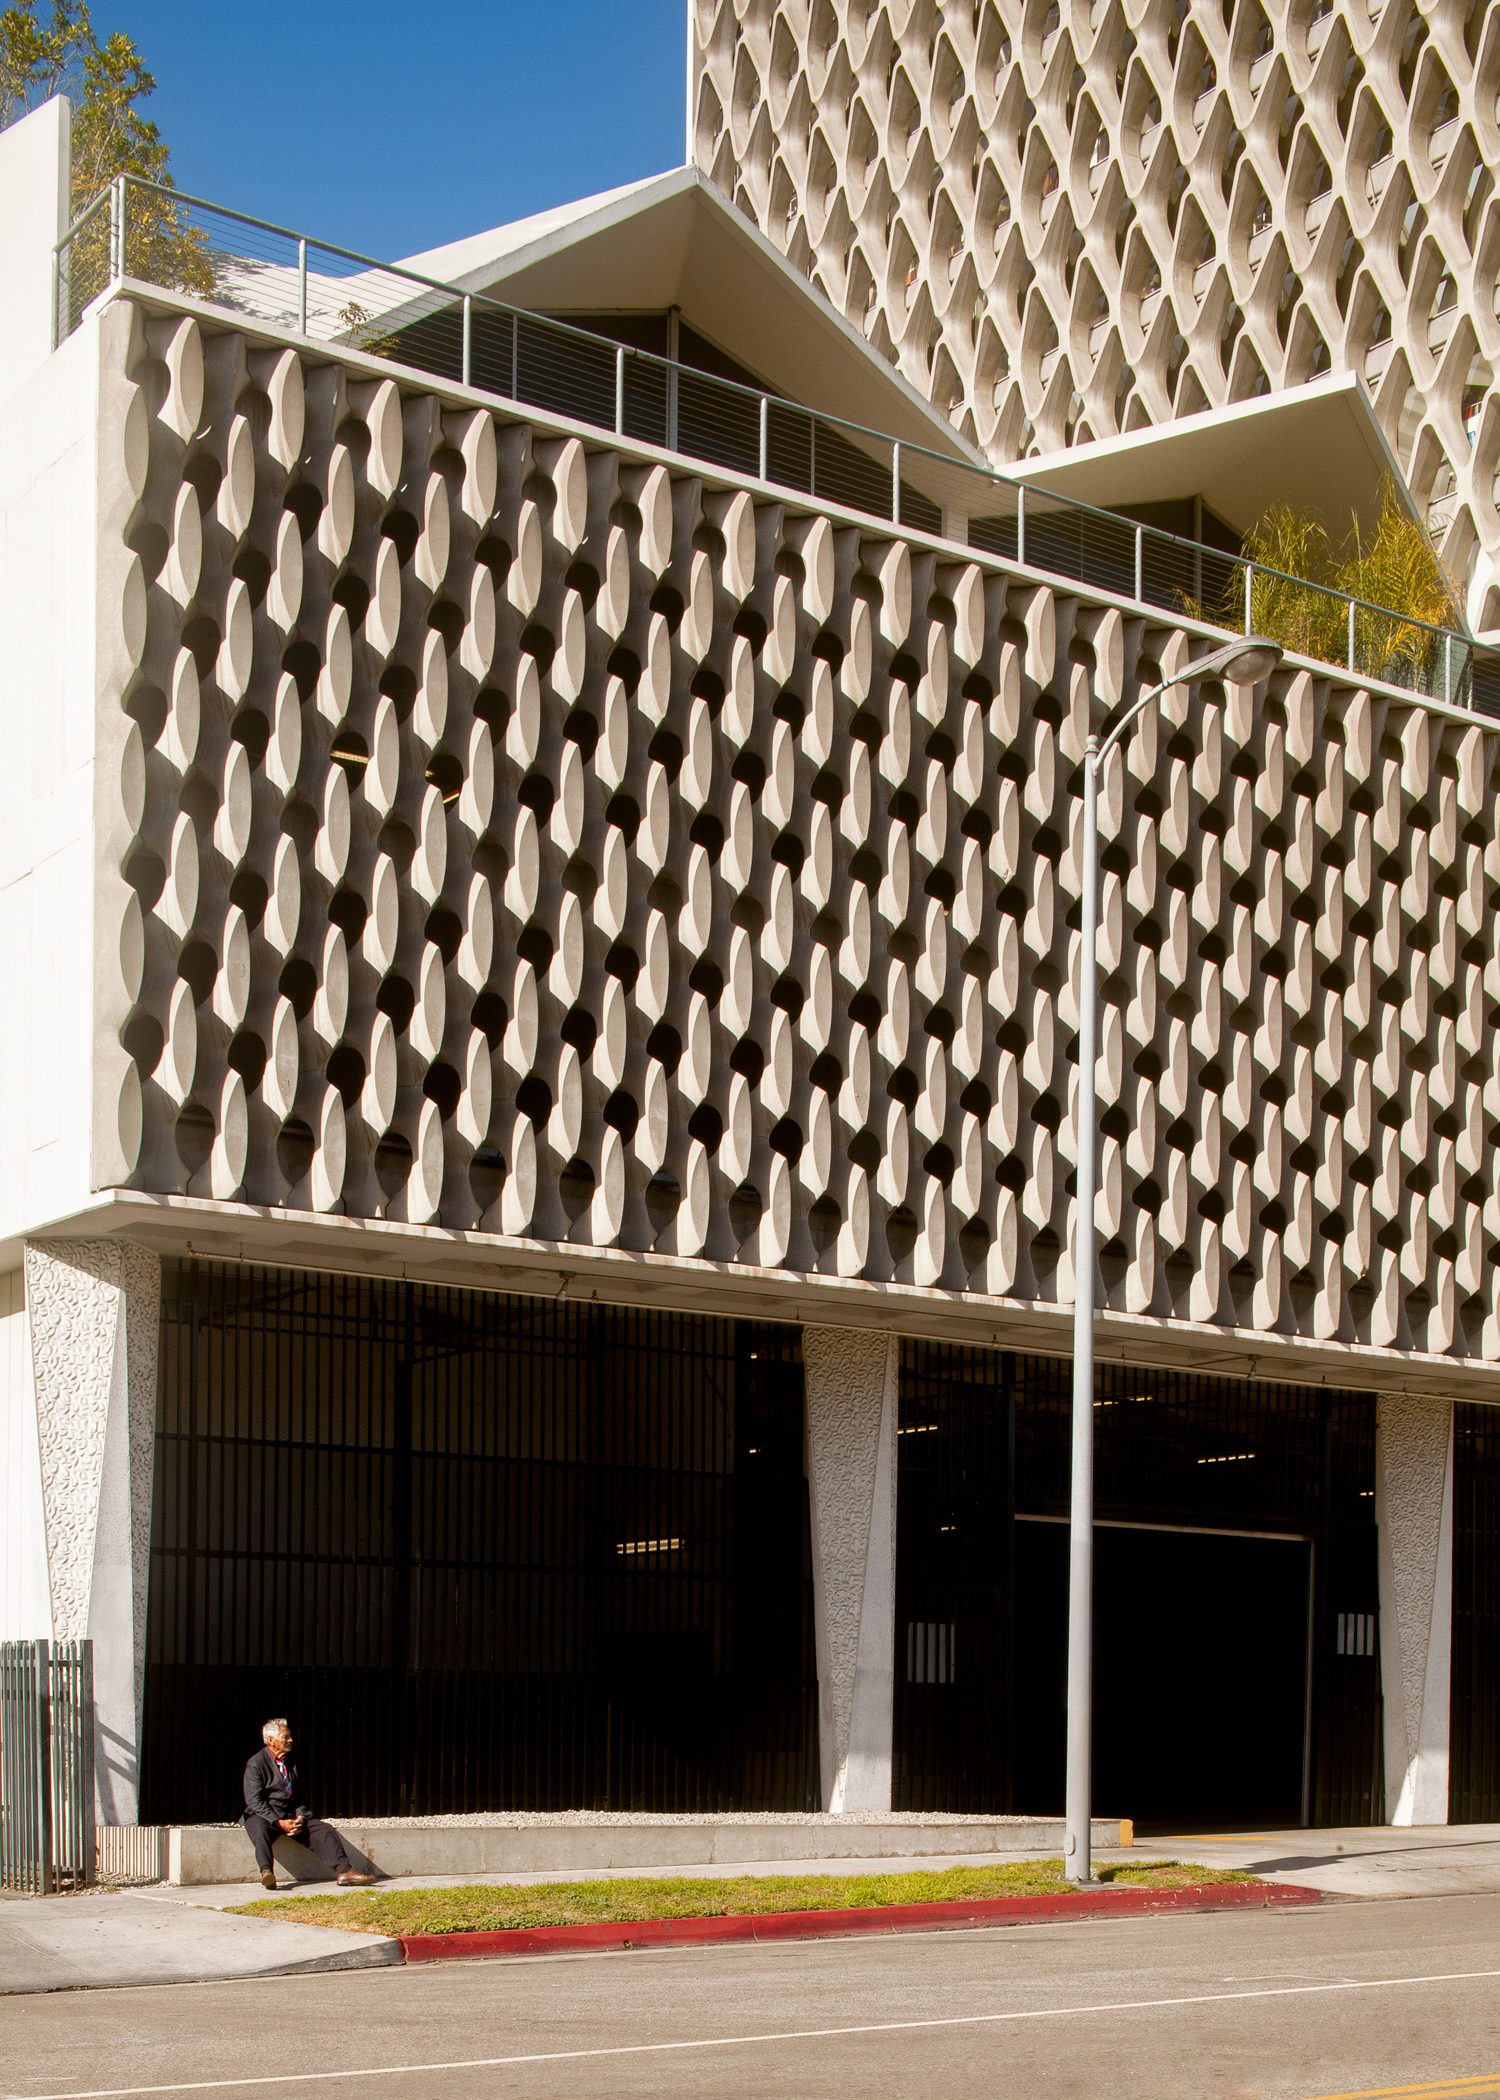 Architecture_10.jpg